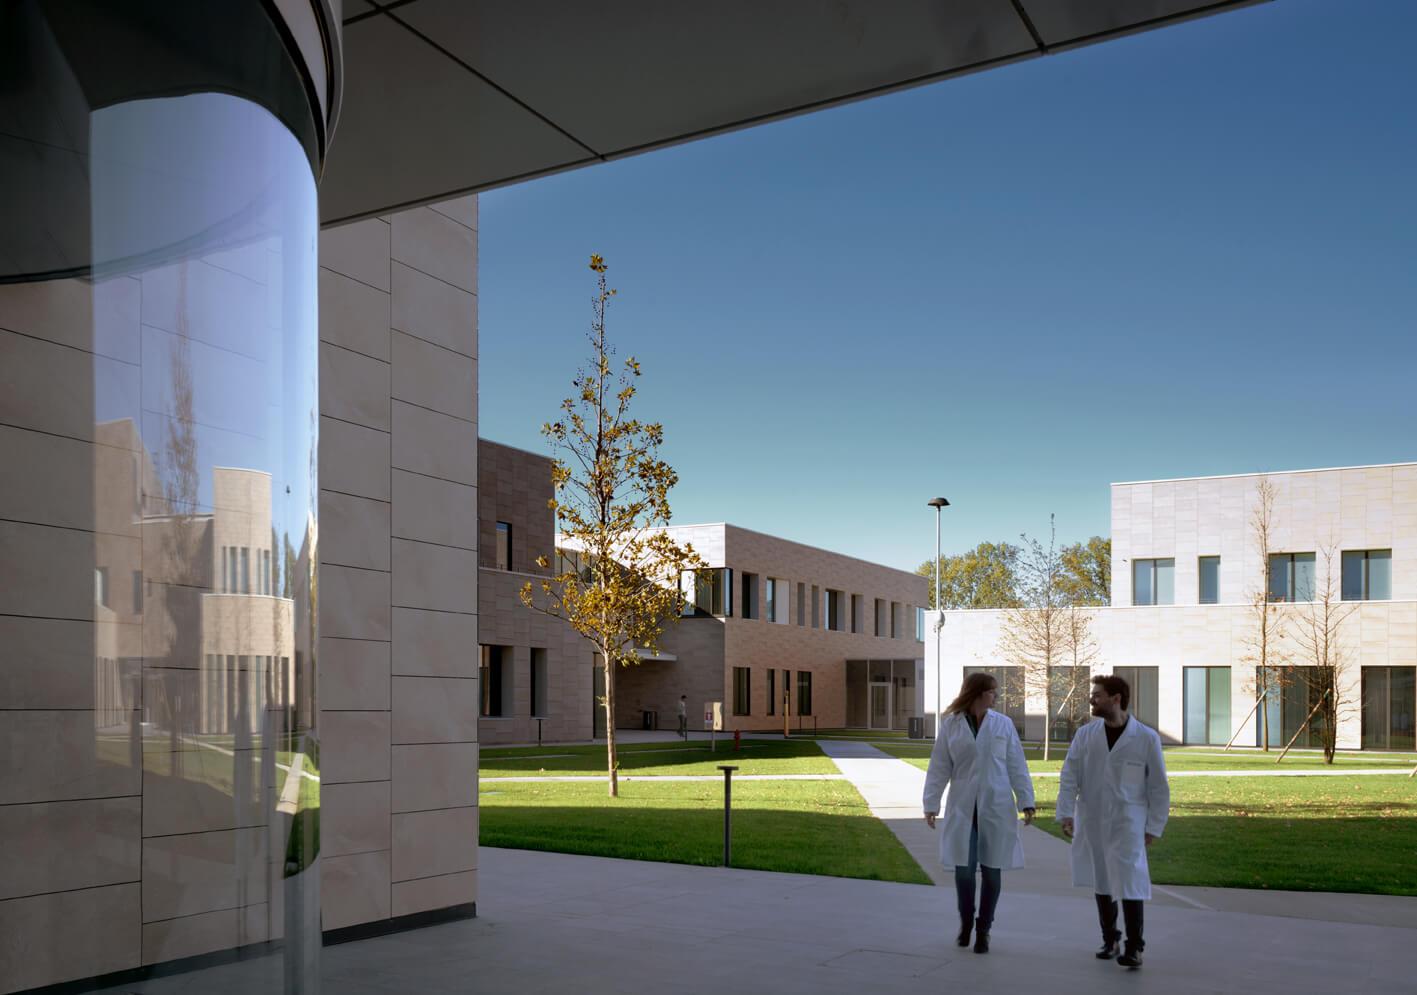 MEDTEC School